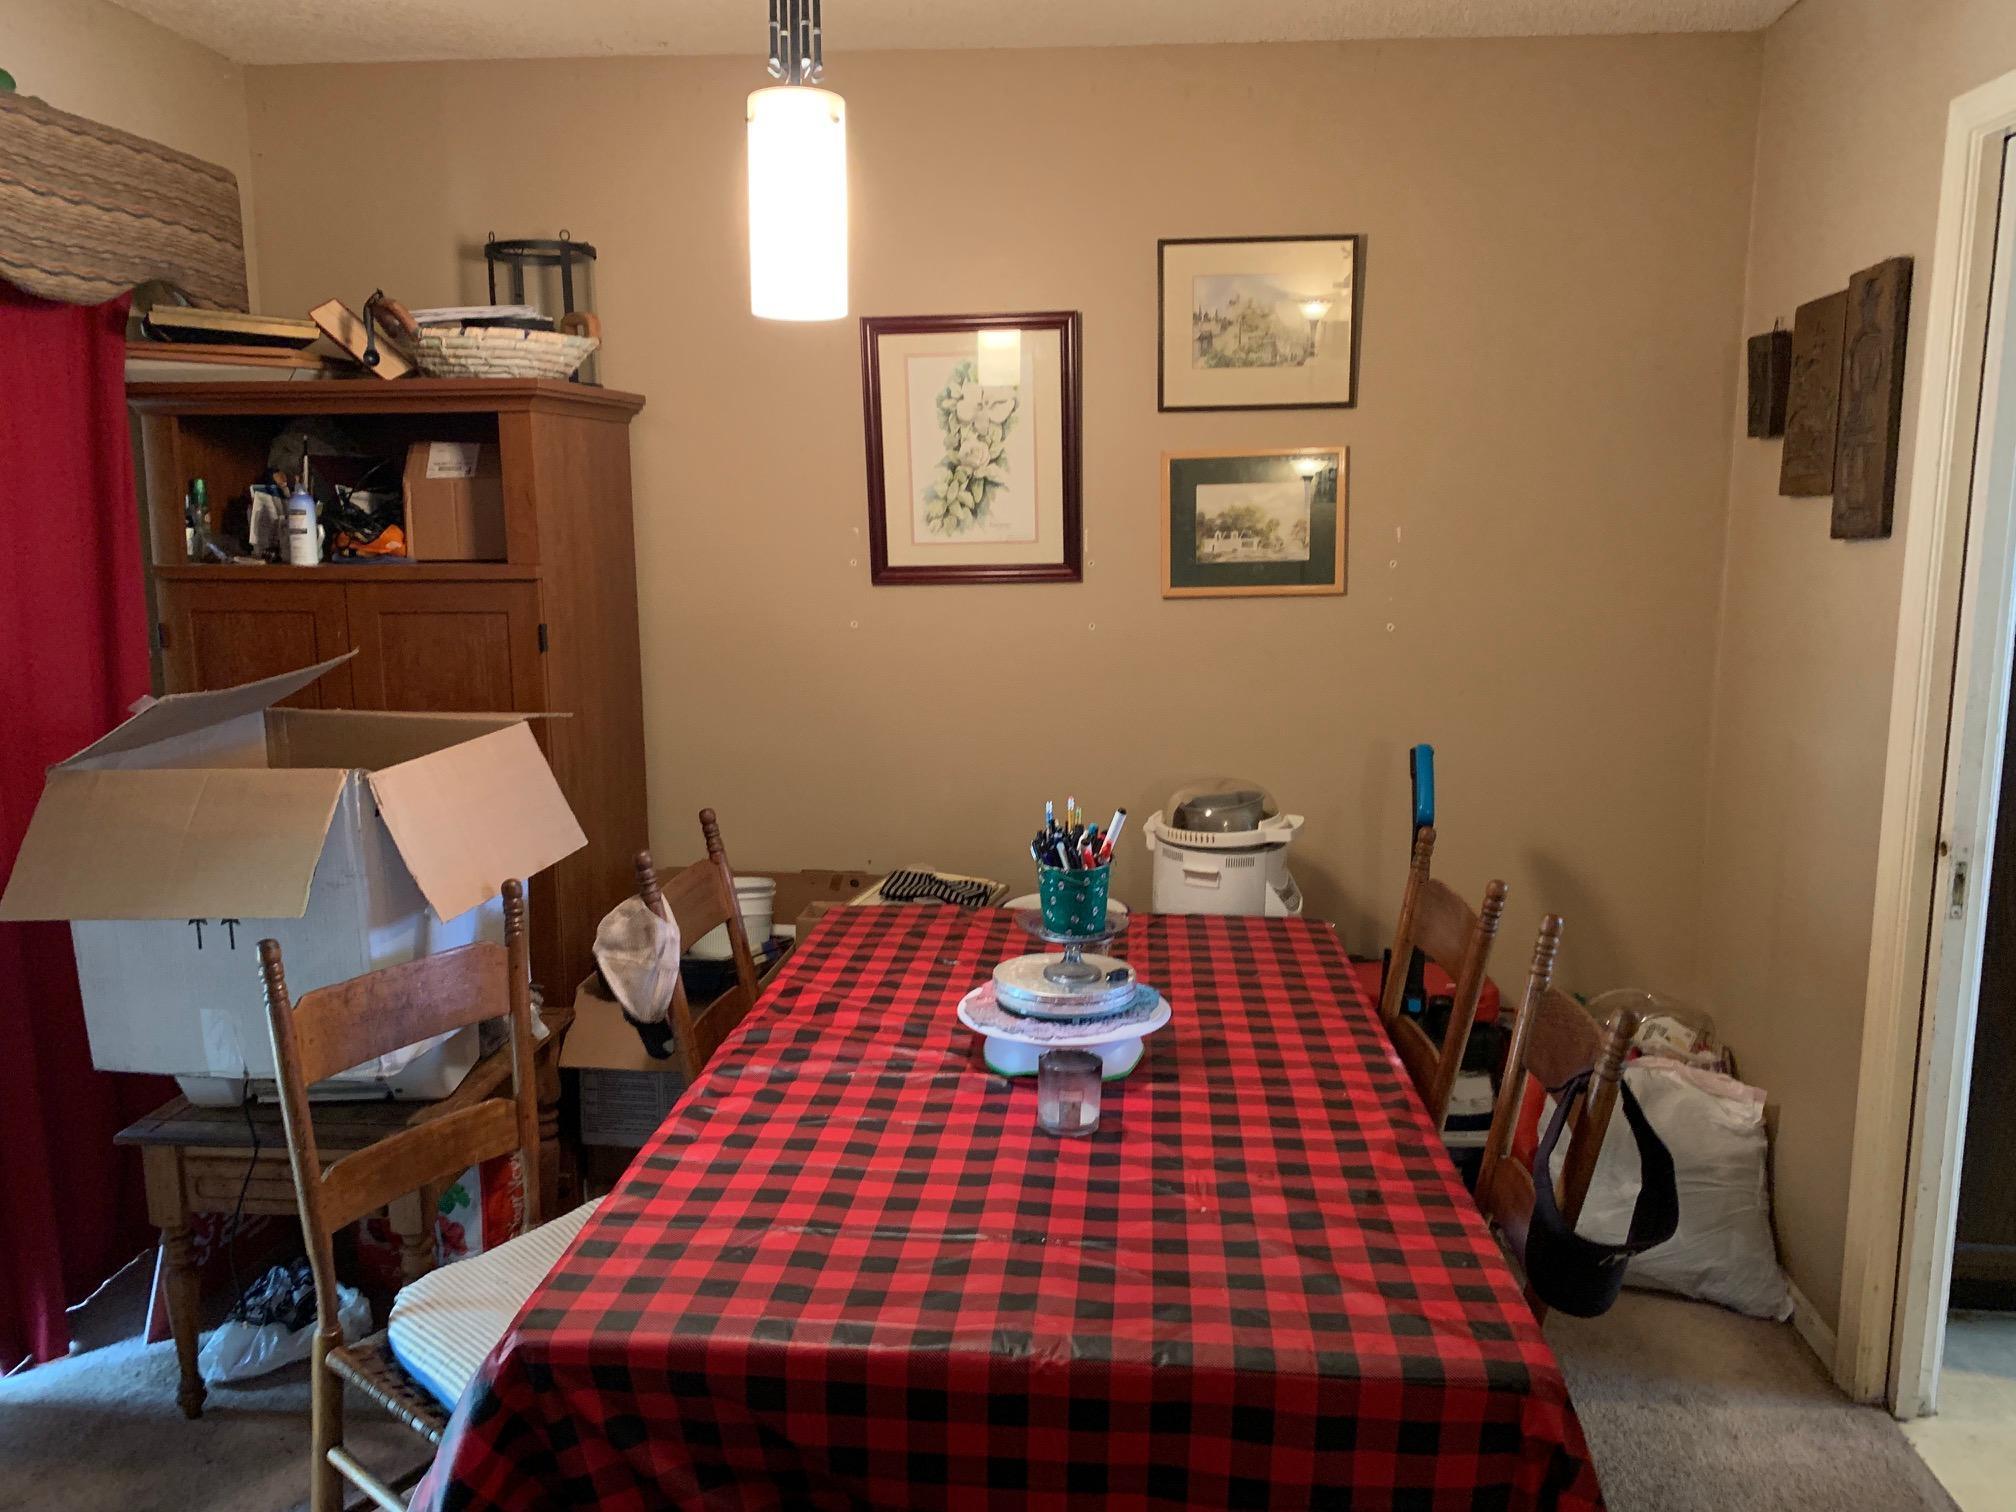 Dorchester Square Homes For Sale - 4344 Great Oak, North Charleston, SC - 12